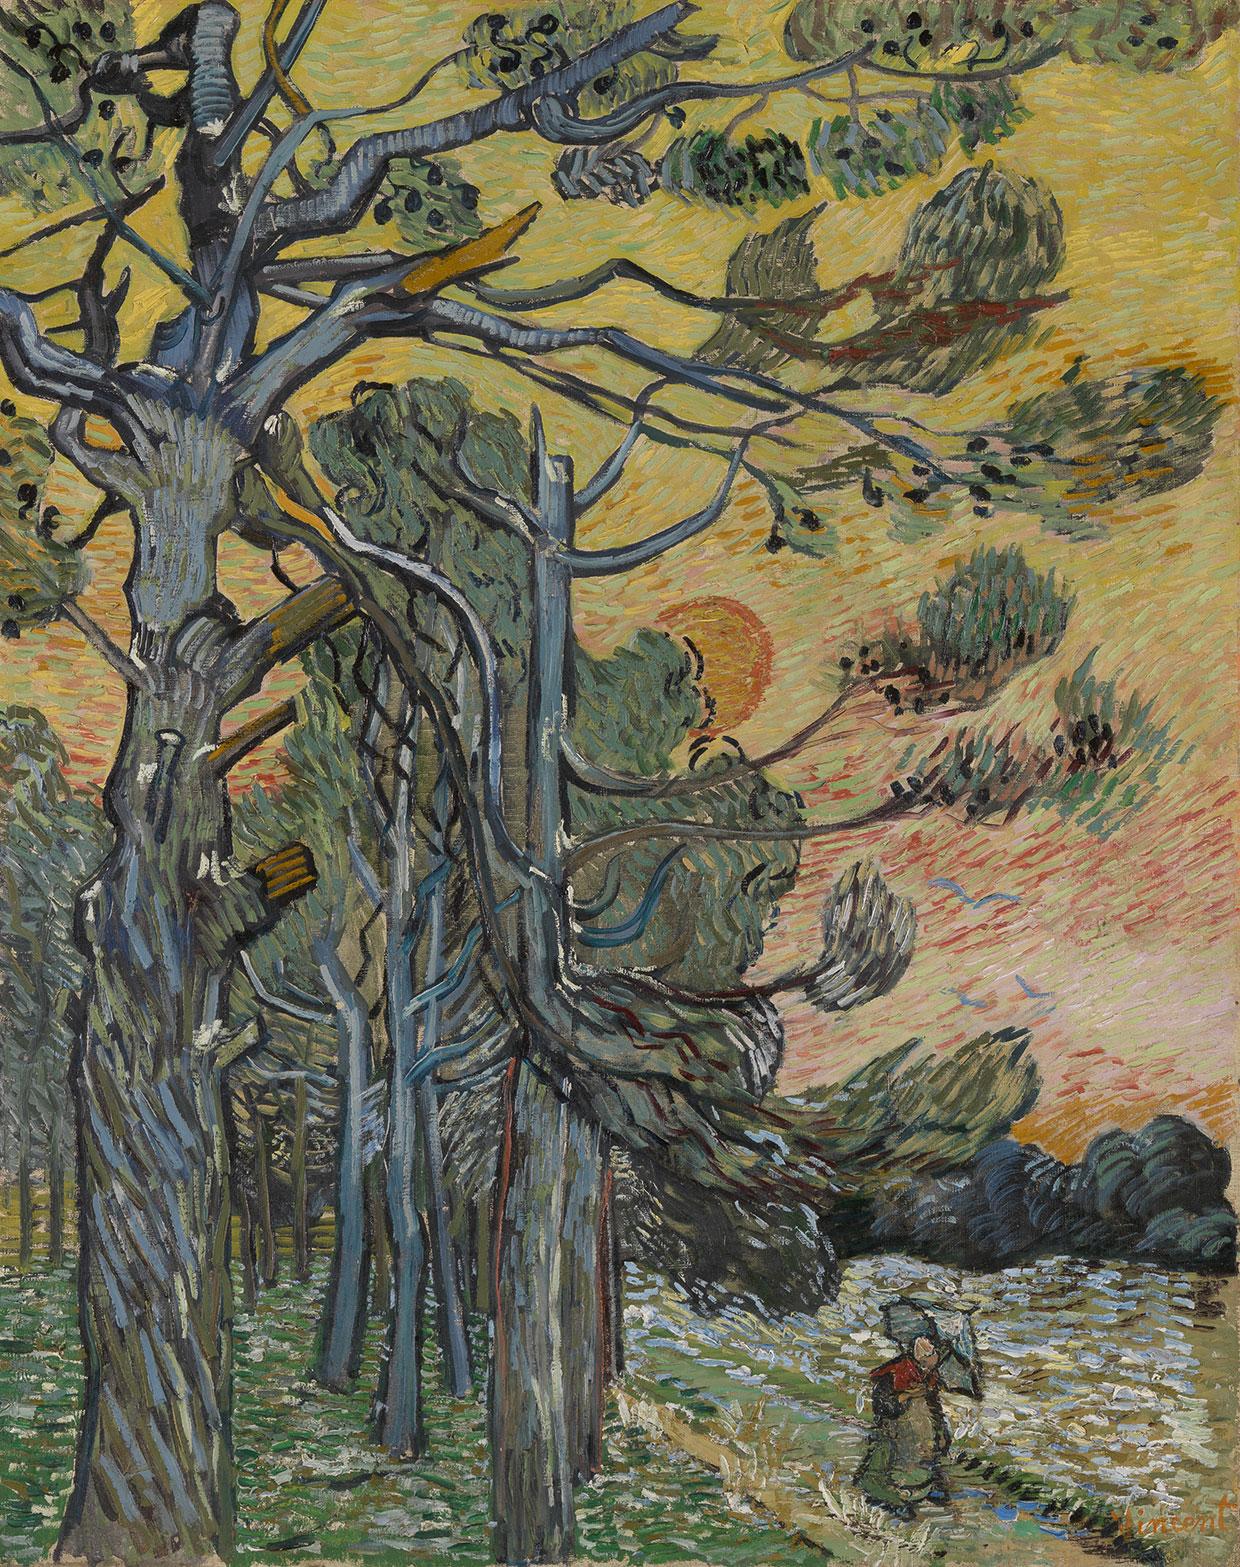 Vincent van Gogh, Pinjetræer ved solnedgang, 1889. Coll. Kröller-Müller Museum, Otterlo